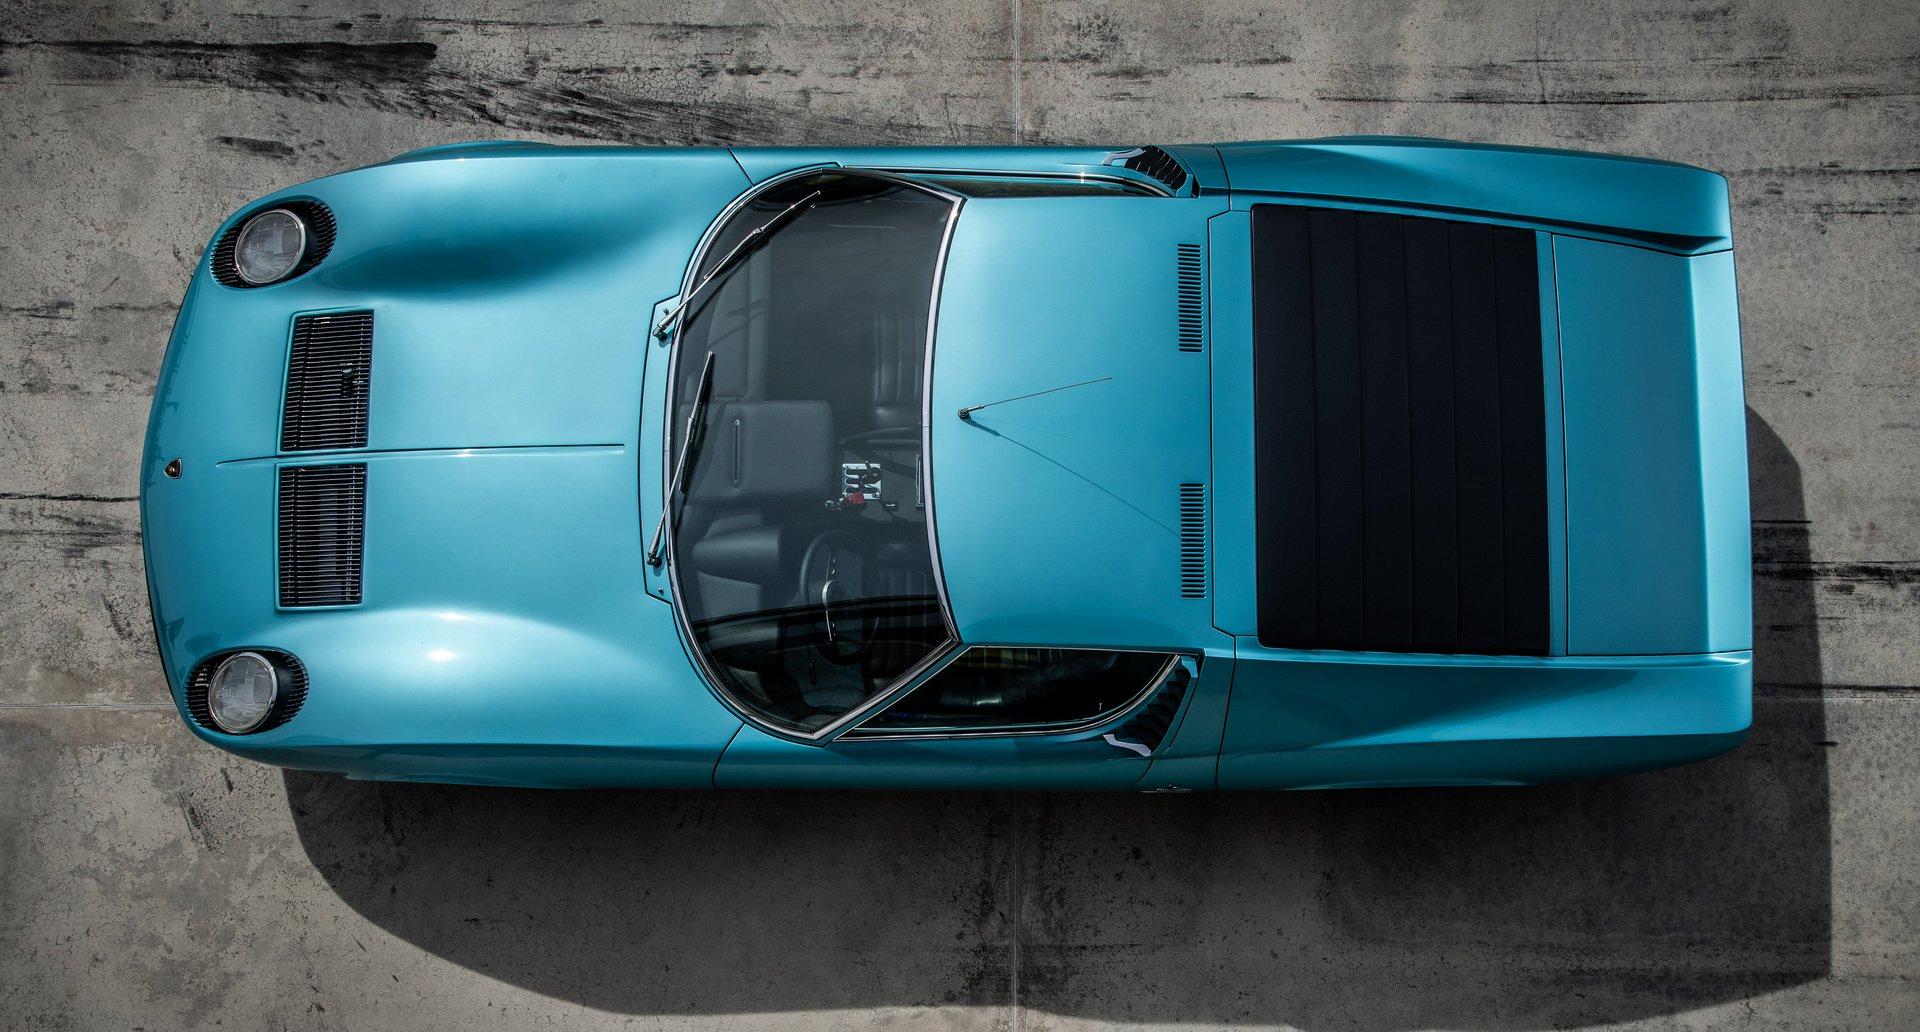 Lamborghini-Miura-P400-S-Azzurro-Mexico-9